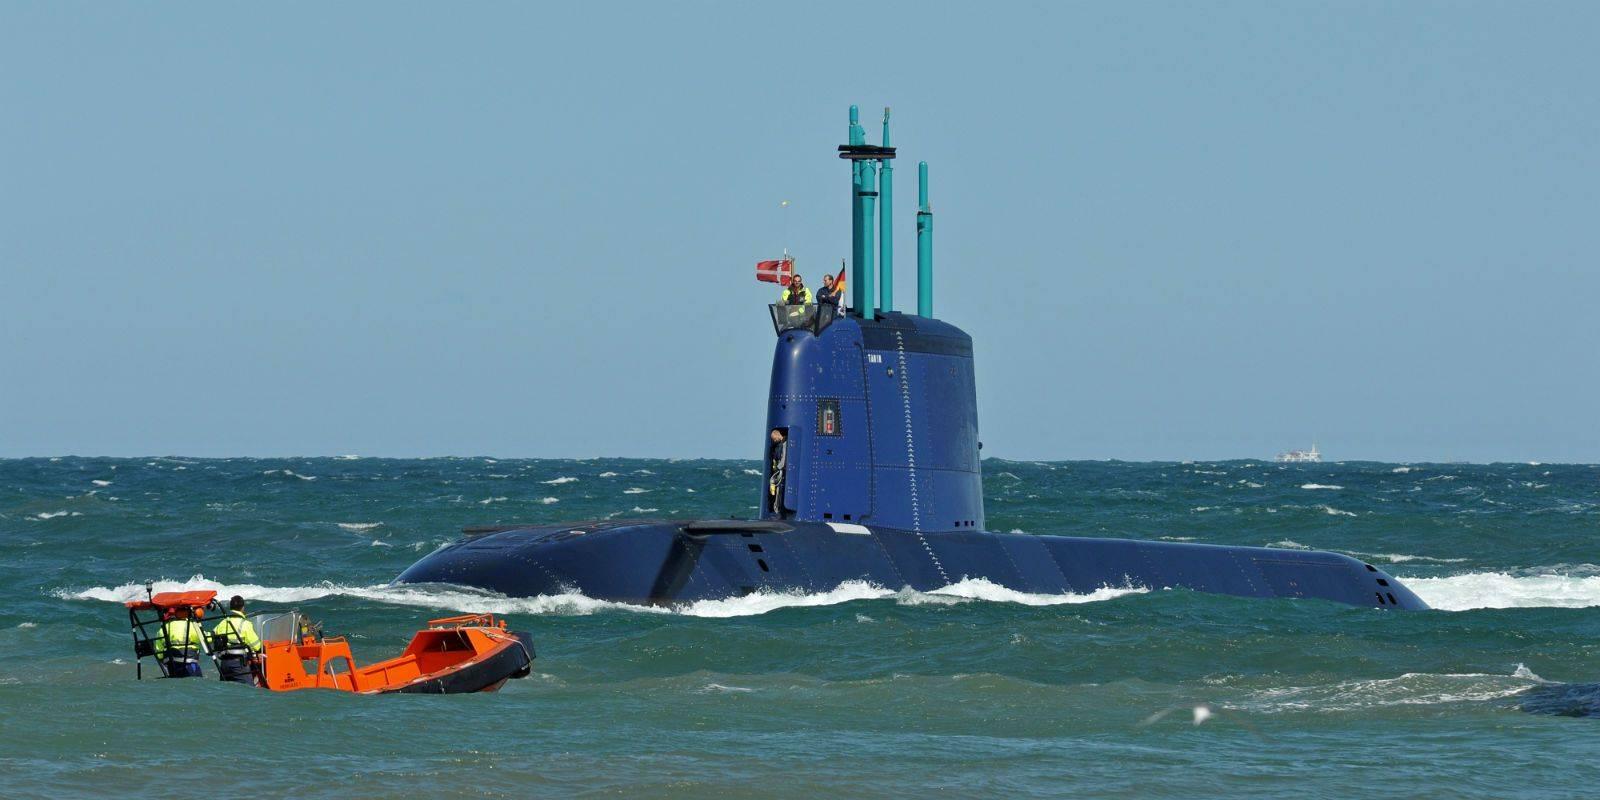 海豚级潜艇实力担当,具备二次核打击能力,是以色列空军主力!